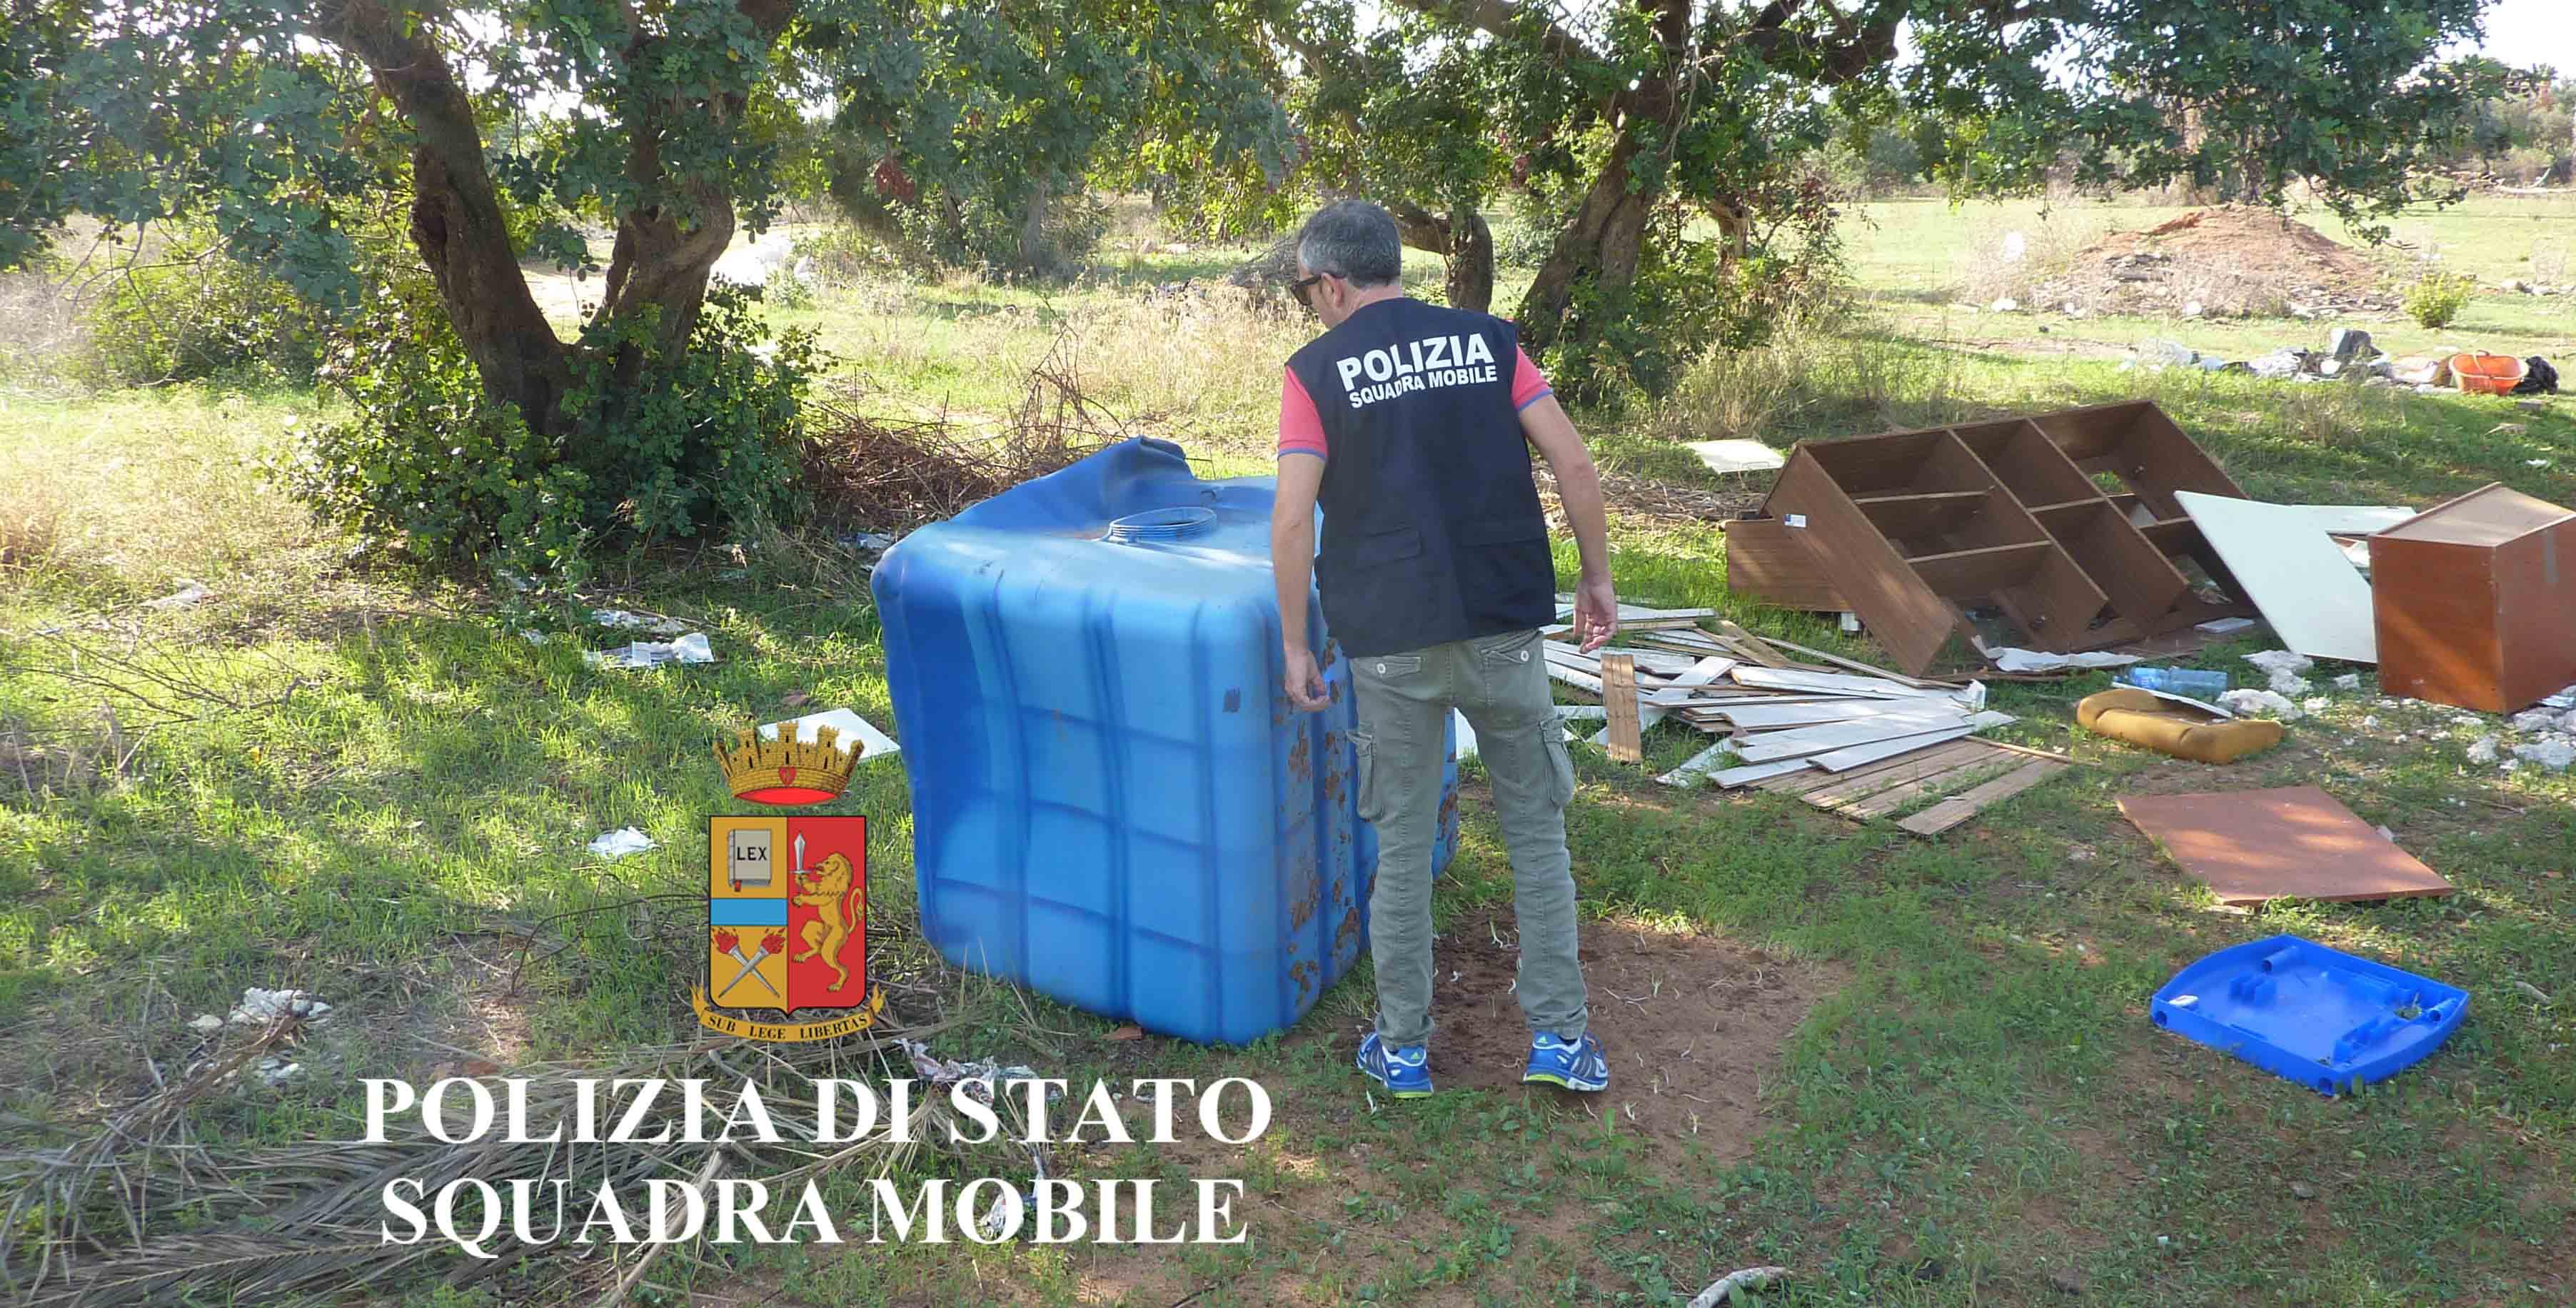 La Polizia scopre una discarica a cielo aperto fra i comuni di Ragusa e Santa Croce: scatta una denuncia